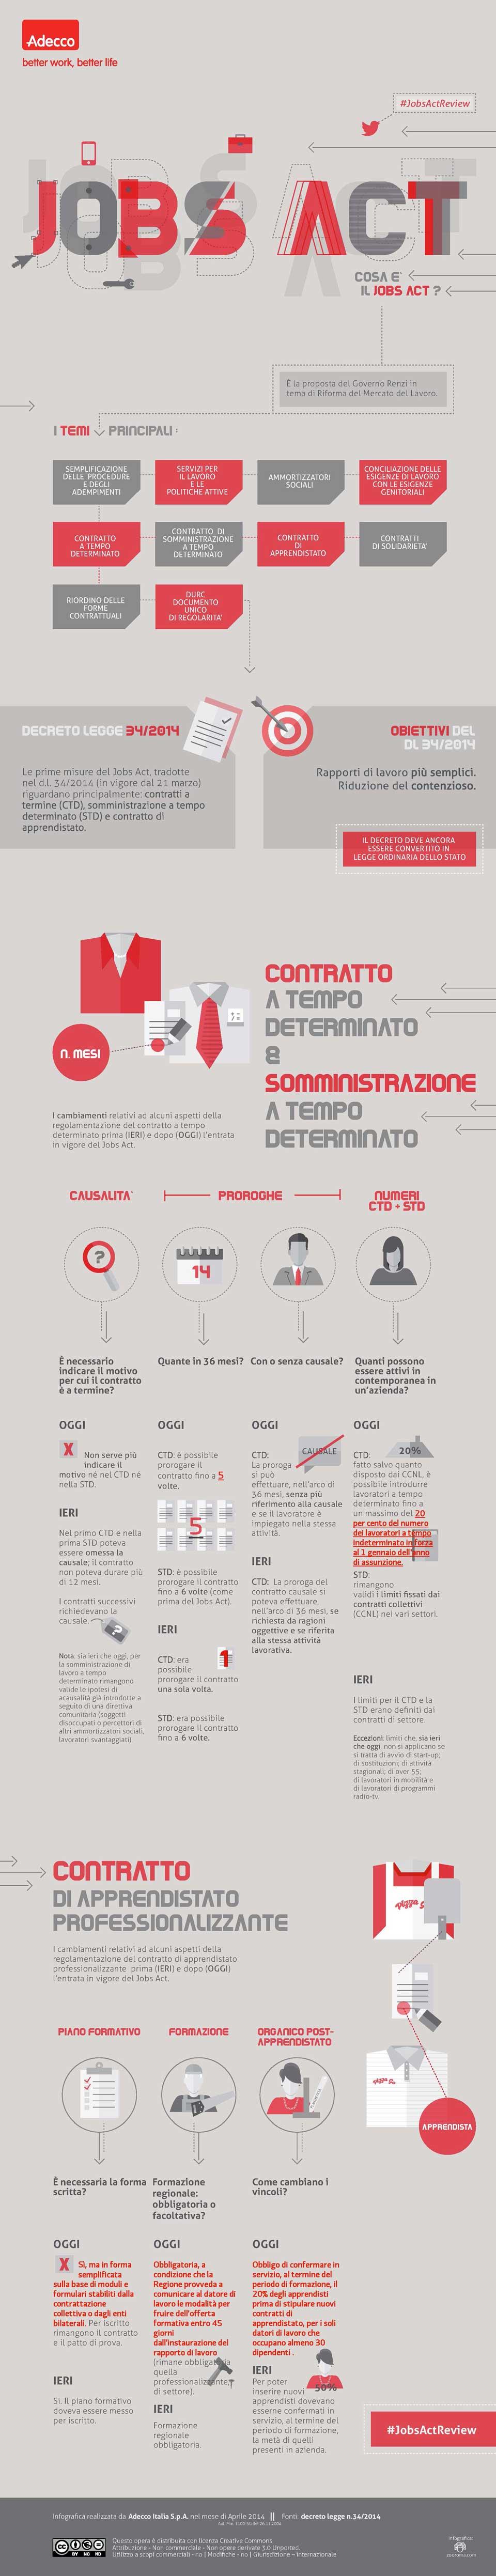 jobs-act-infografica-adecco-moficata-web